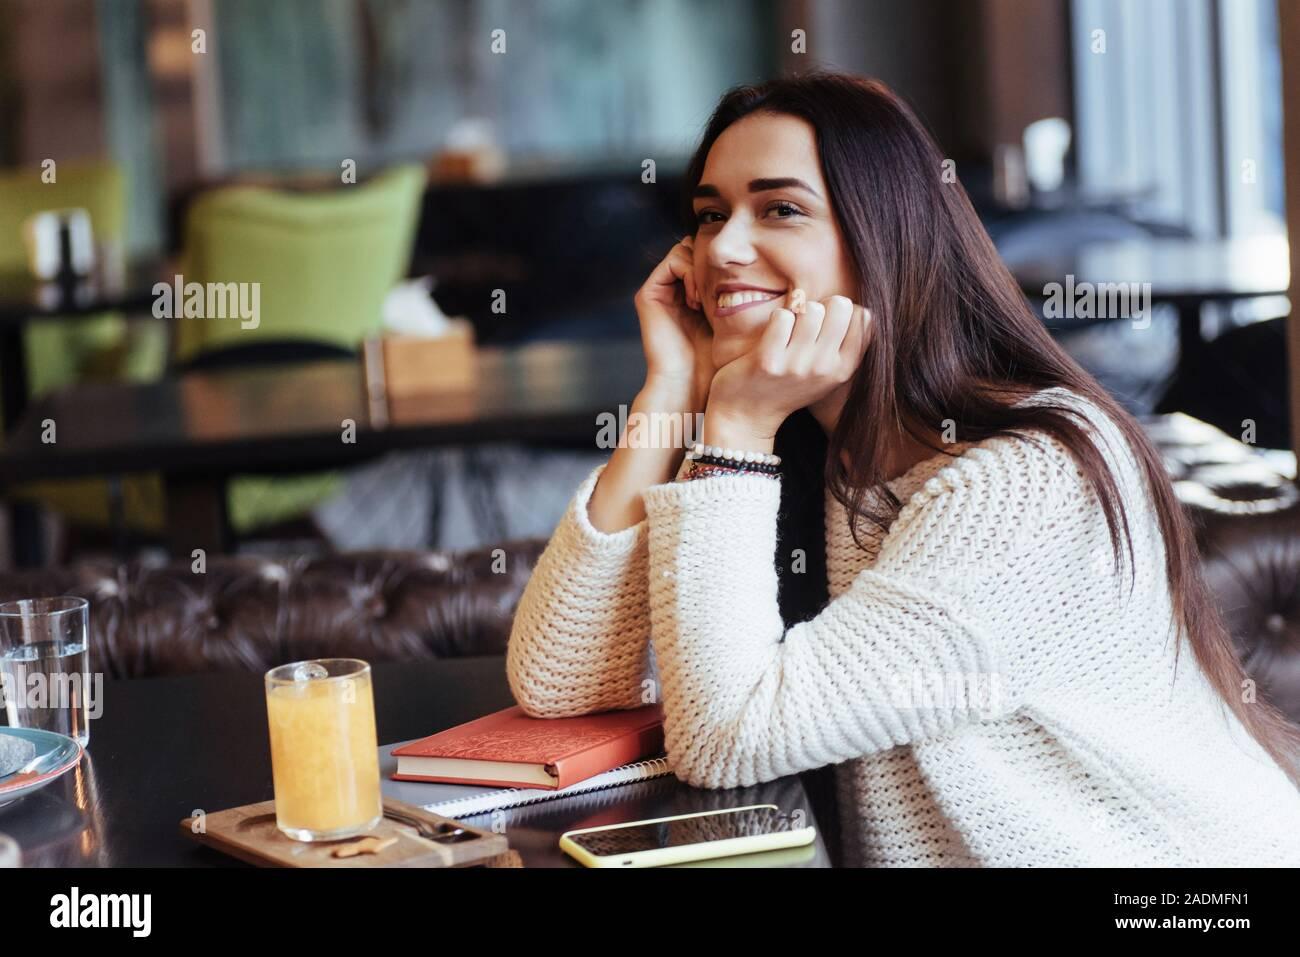 Schöne Frau. Fröhliche blonde Mädchen sitzen im Restaurant mit gelben Getränk auf den Tisch und lächelt Stockfoto